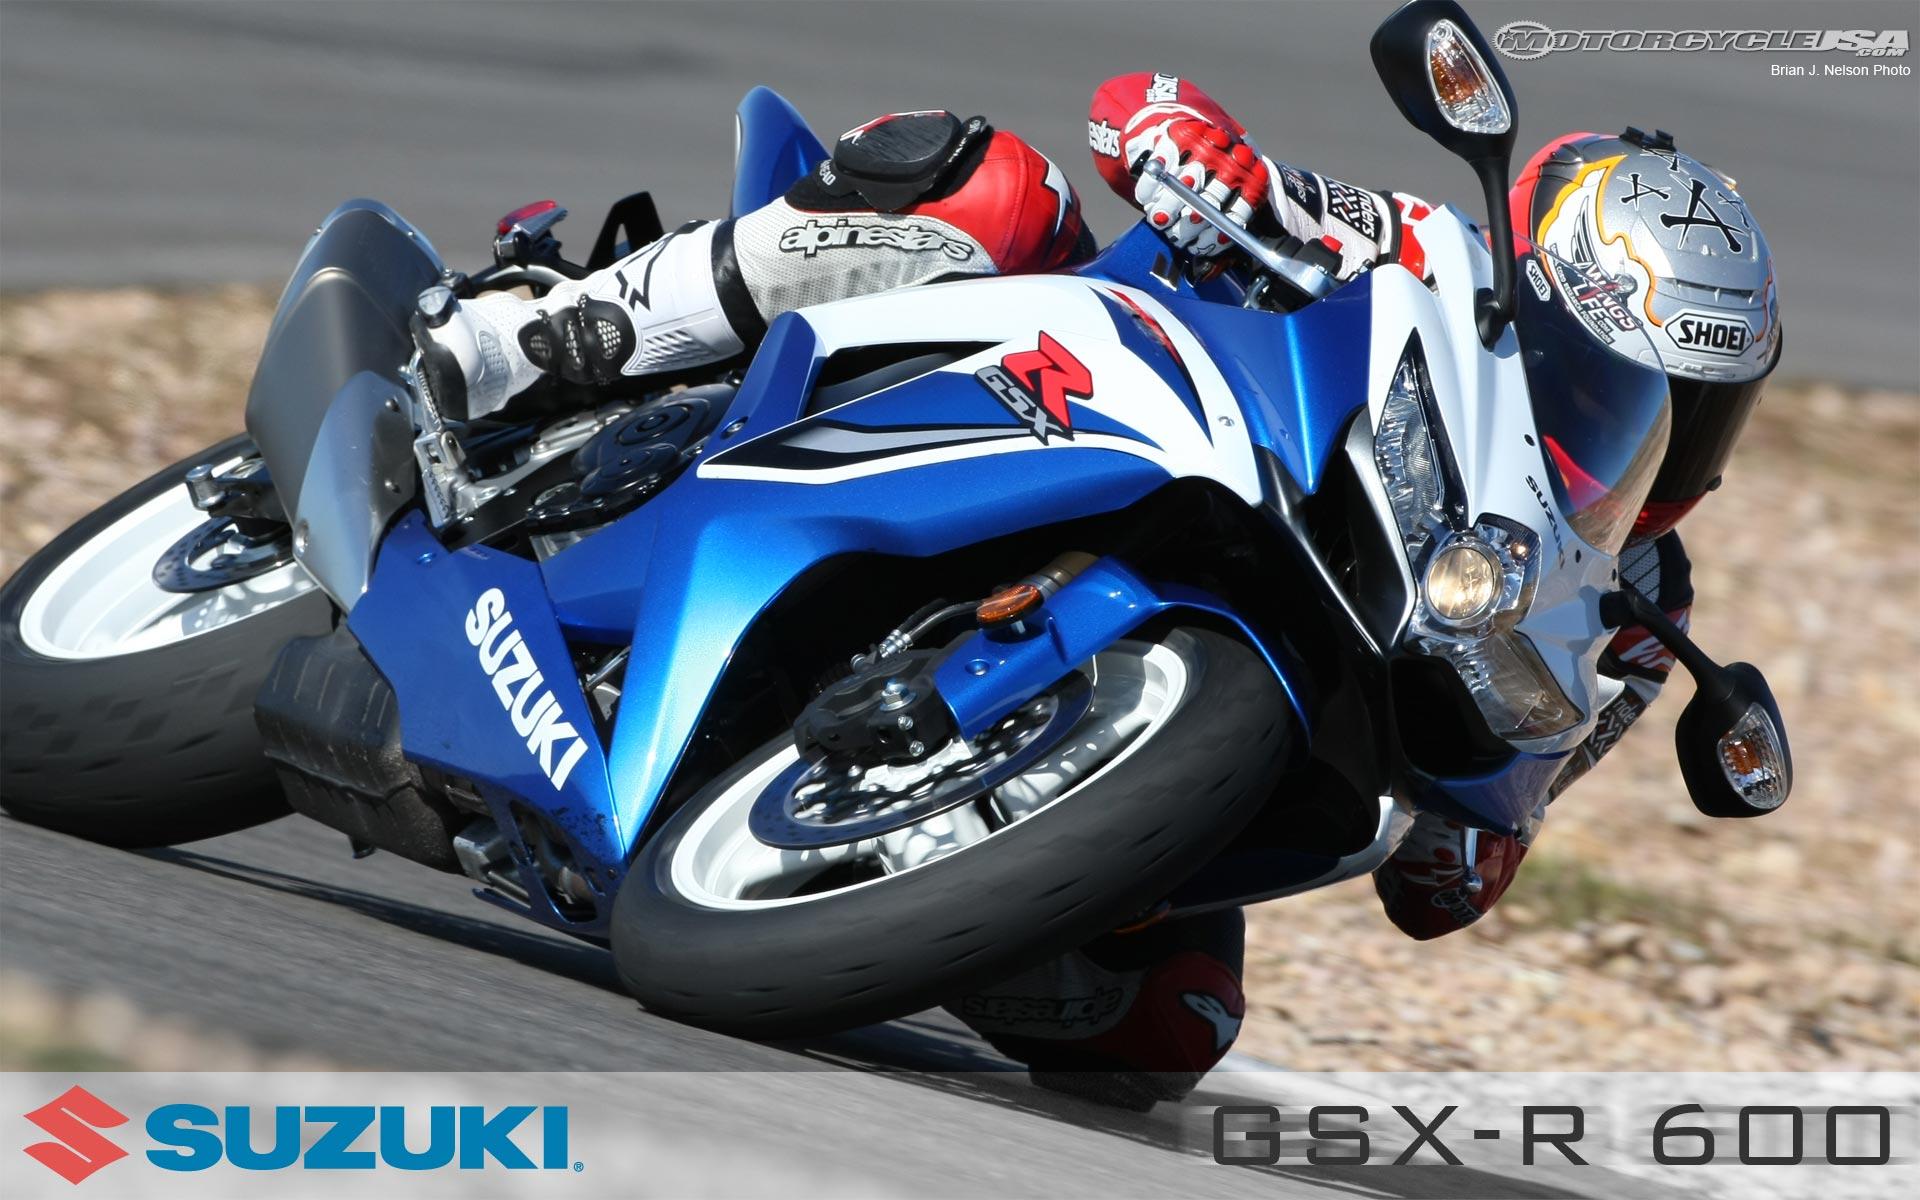 Suzuki Gsxr 600 K8K9 Suzuki Gsxr 600 2011 750 Wallpaper Suzuki Gsxr 1920x1200